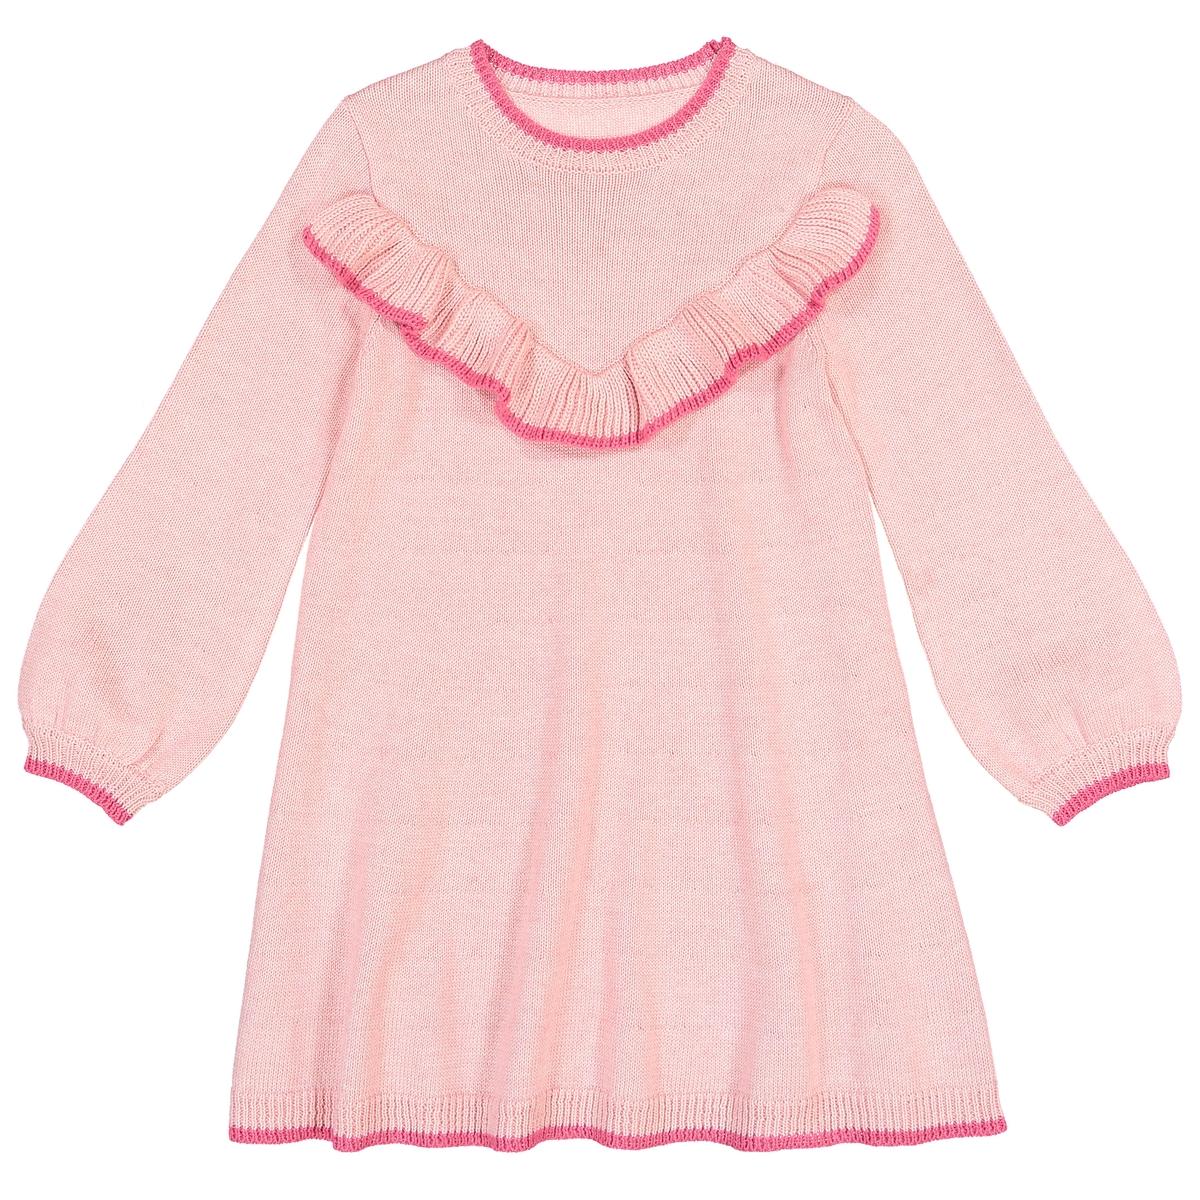 Vestido-camisola com folho, 3-12 anos